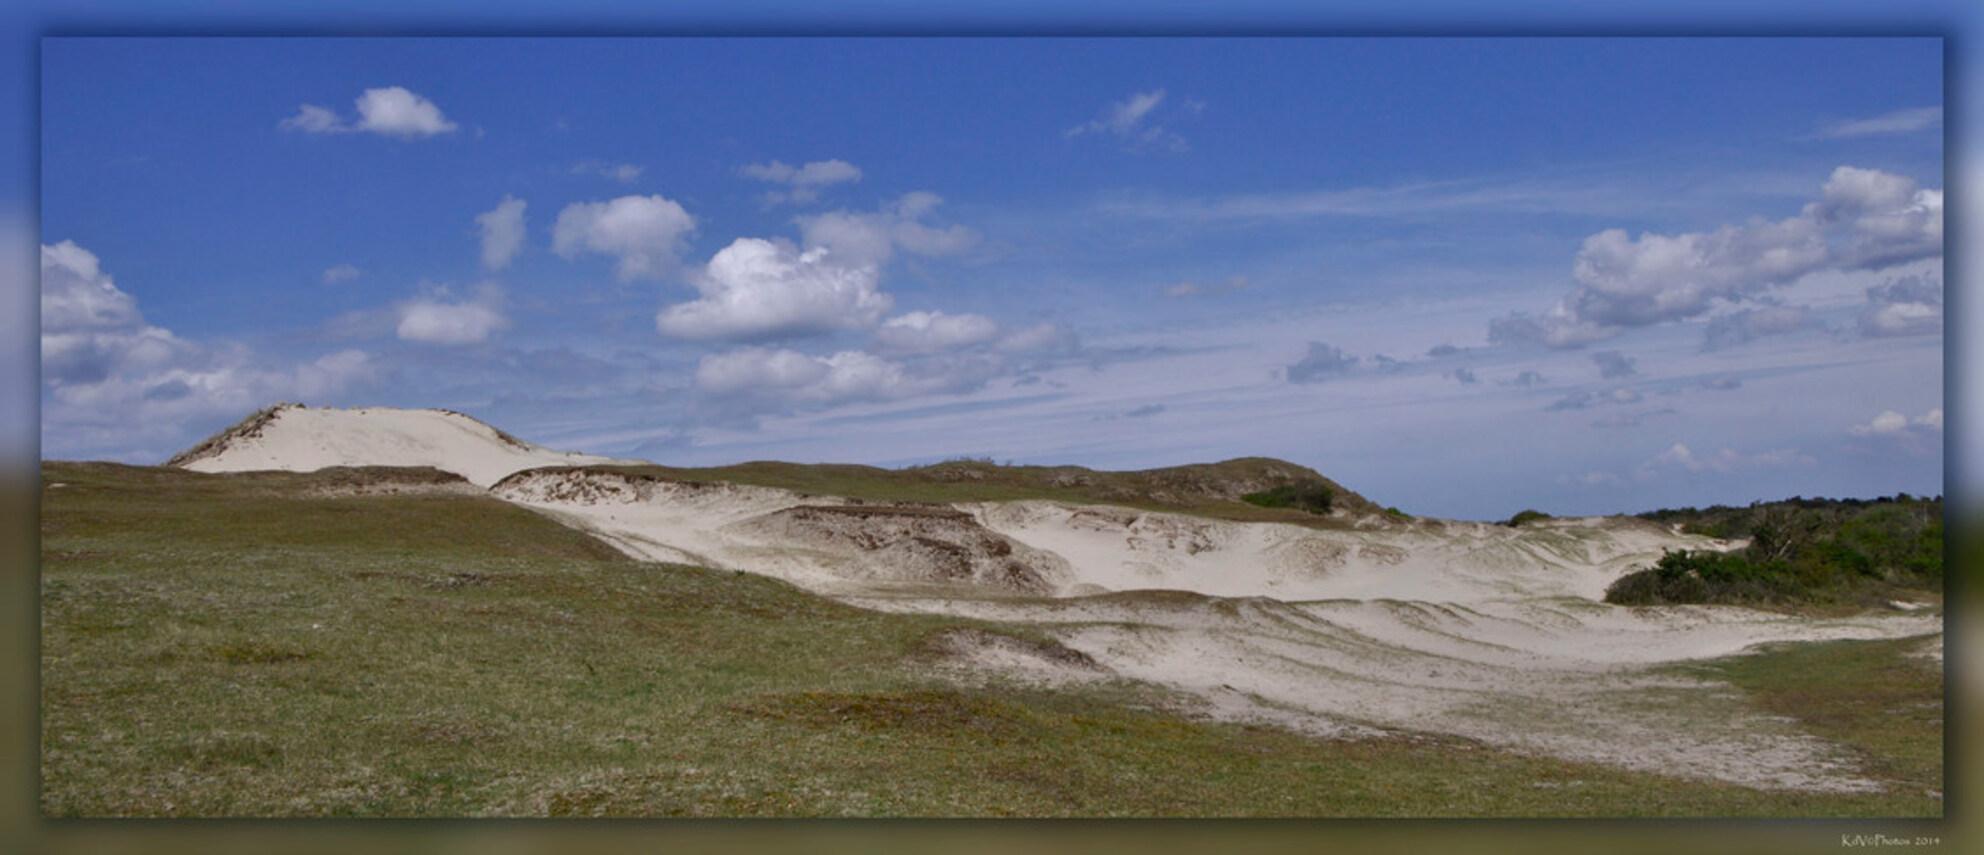 Duinen Westenschouwen - Bedankt voor jullie reacties op de [url=http://zoom.nl/foto/dieren/zanglijster.2924716.html?object=user&object_id=55212]Zanglijster[/url] - foto door karin62 op 18-03-2018 - deze foto bevat: lucht, wolken, panorama, natuur, landschap, duinen, zand, zeeland, westenschouwen, karin62